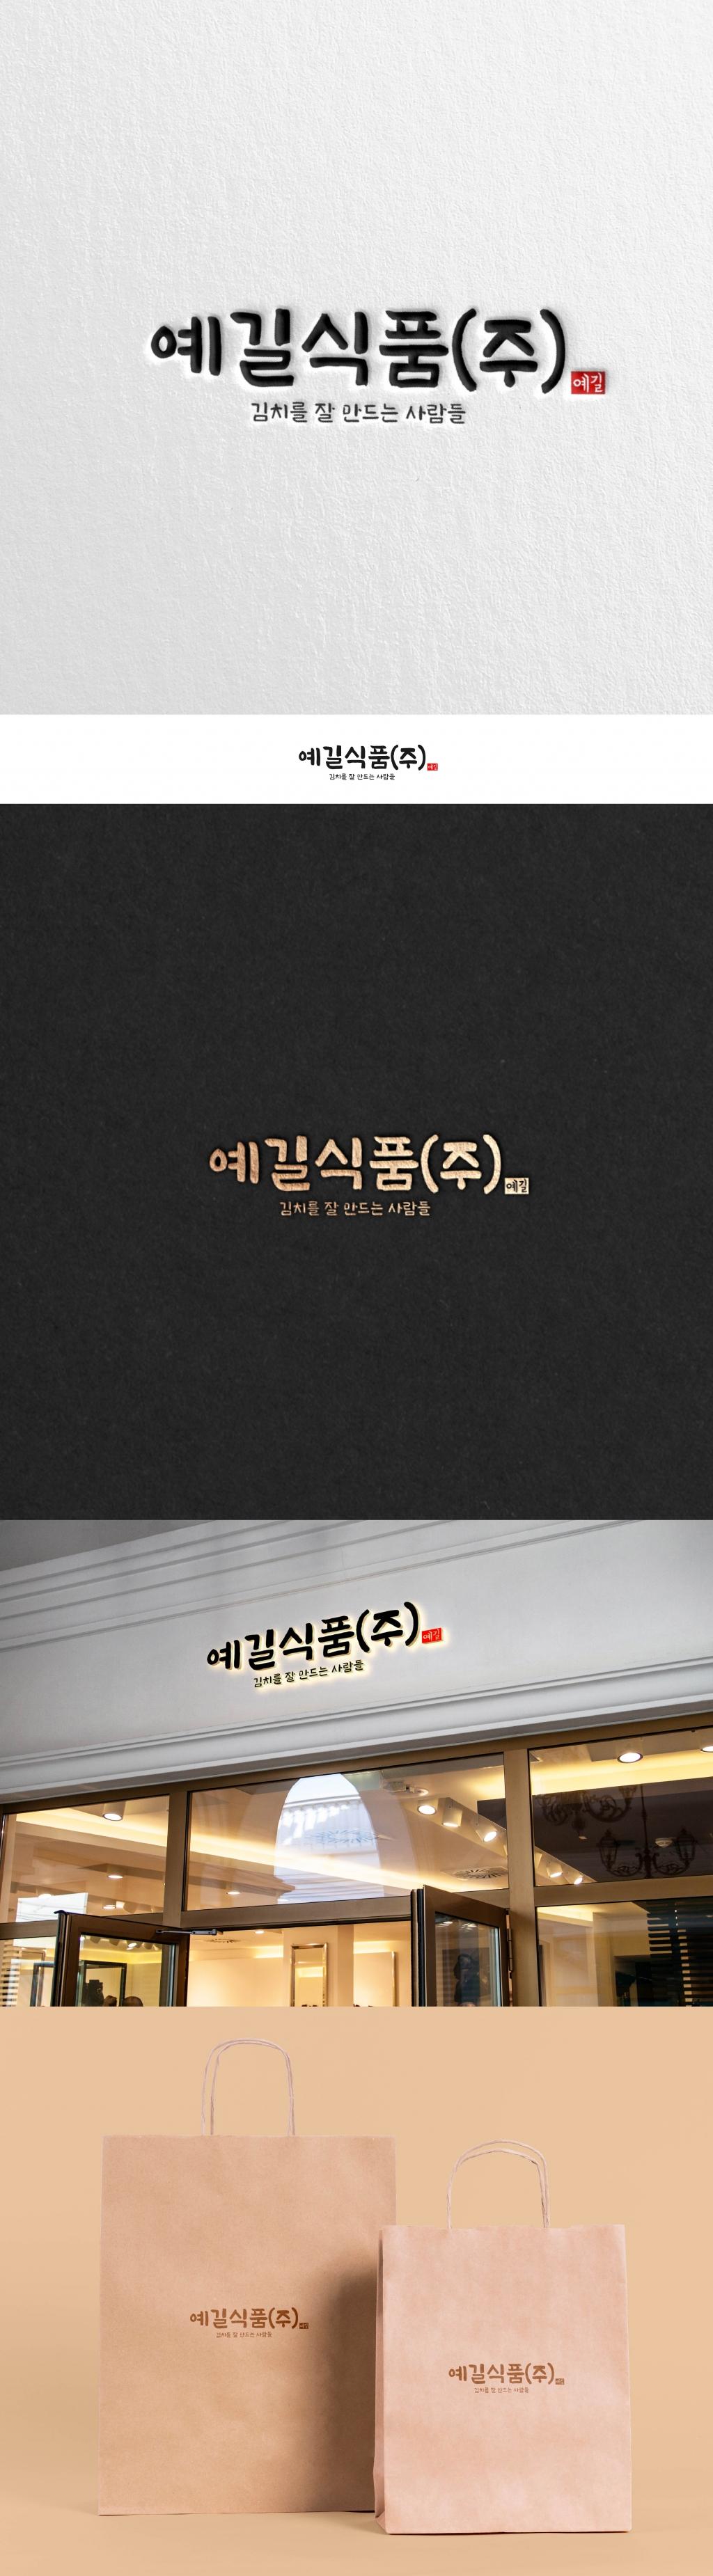 로고+명함 디자인 | 회사 로고 캘리그라피&명함 디자인 | 라우드소싱 포트폴리오